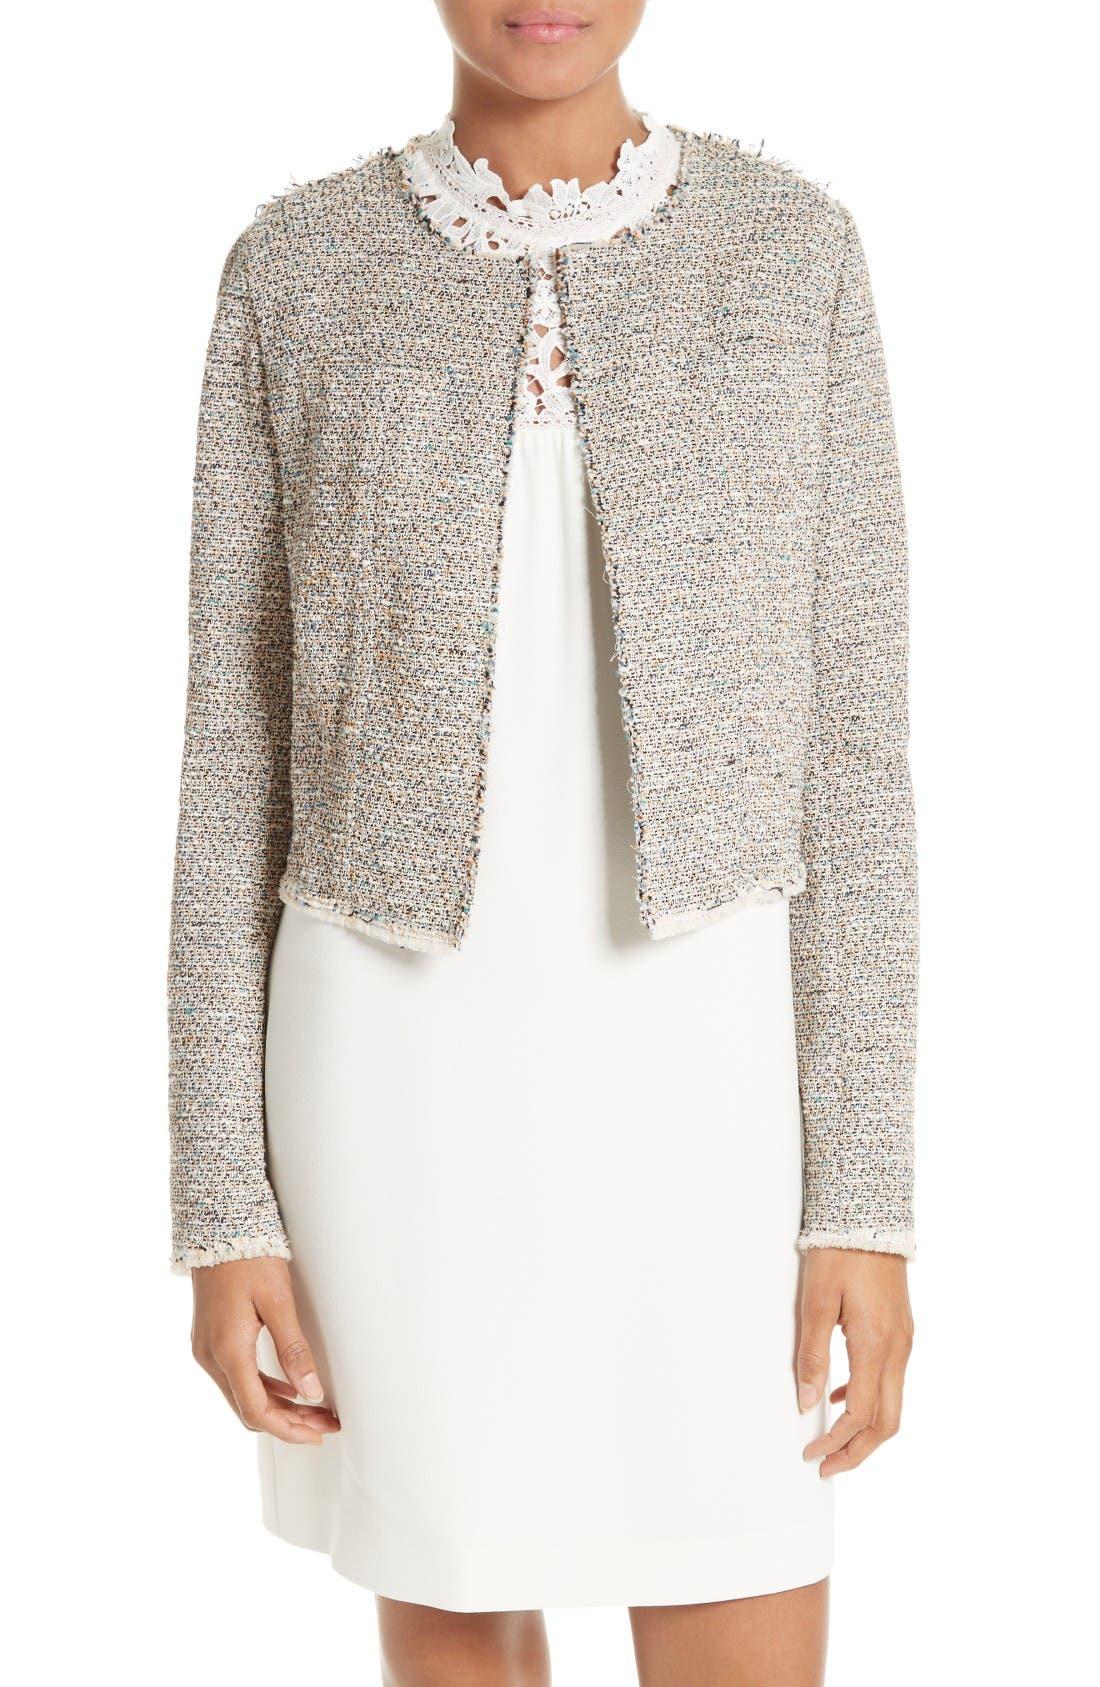 Alternate Image 1 Selected - Theory Ualana Tweed Jacket